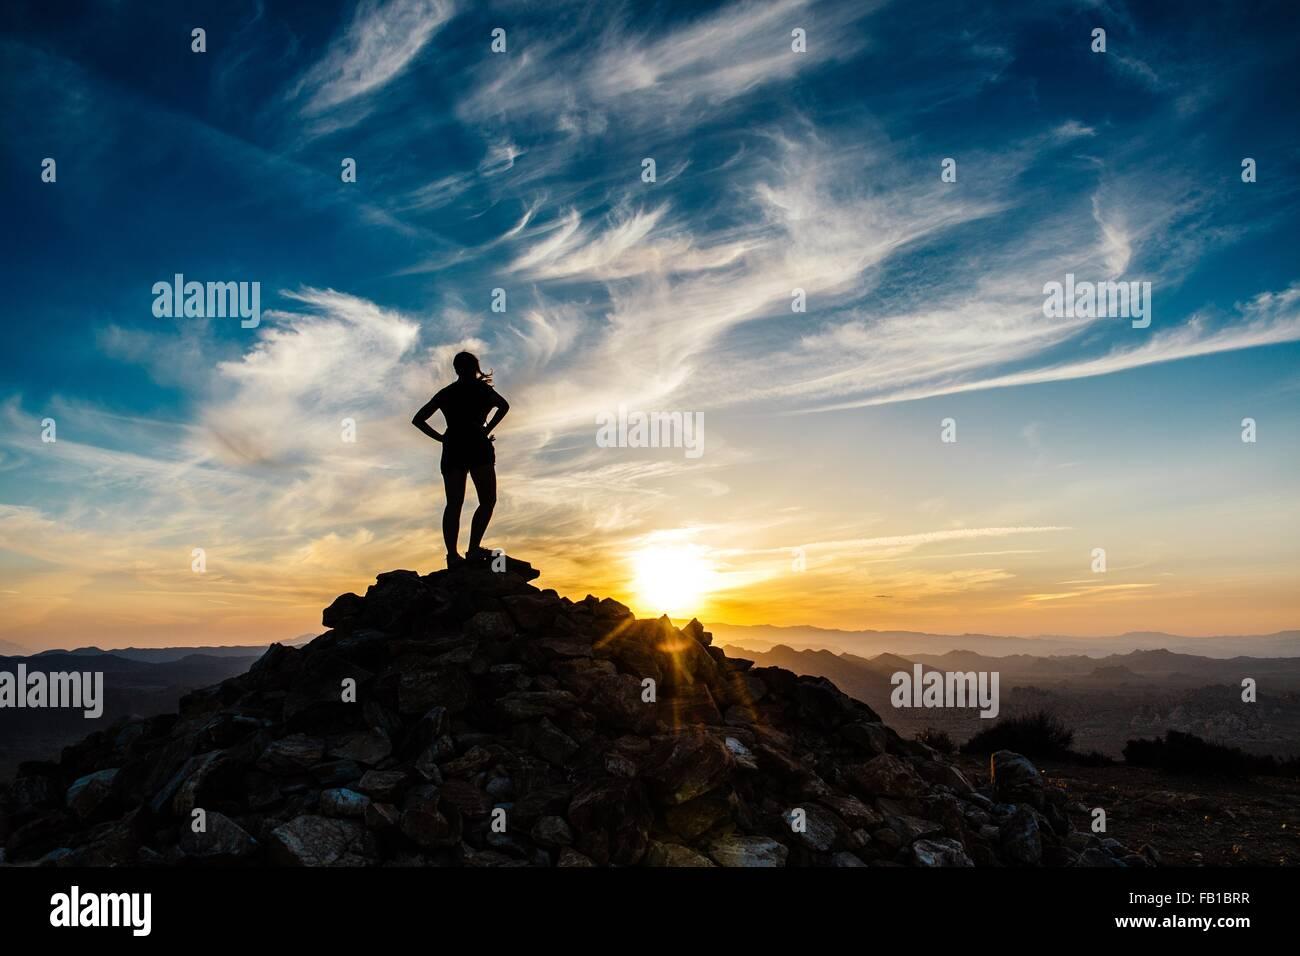 Silhouette Mitte Erwachsene Frau Berg Sonnenuntergang hintere Draufsicht Ryan Berg Wandern Wanderweg Joshua Tree Stockbild